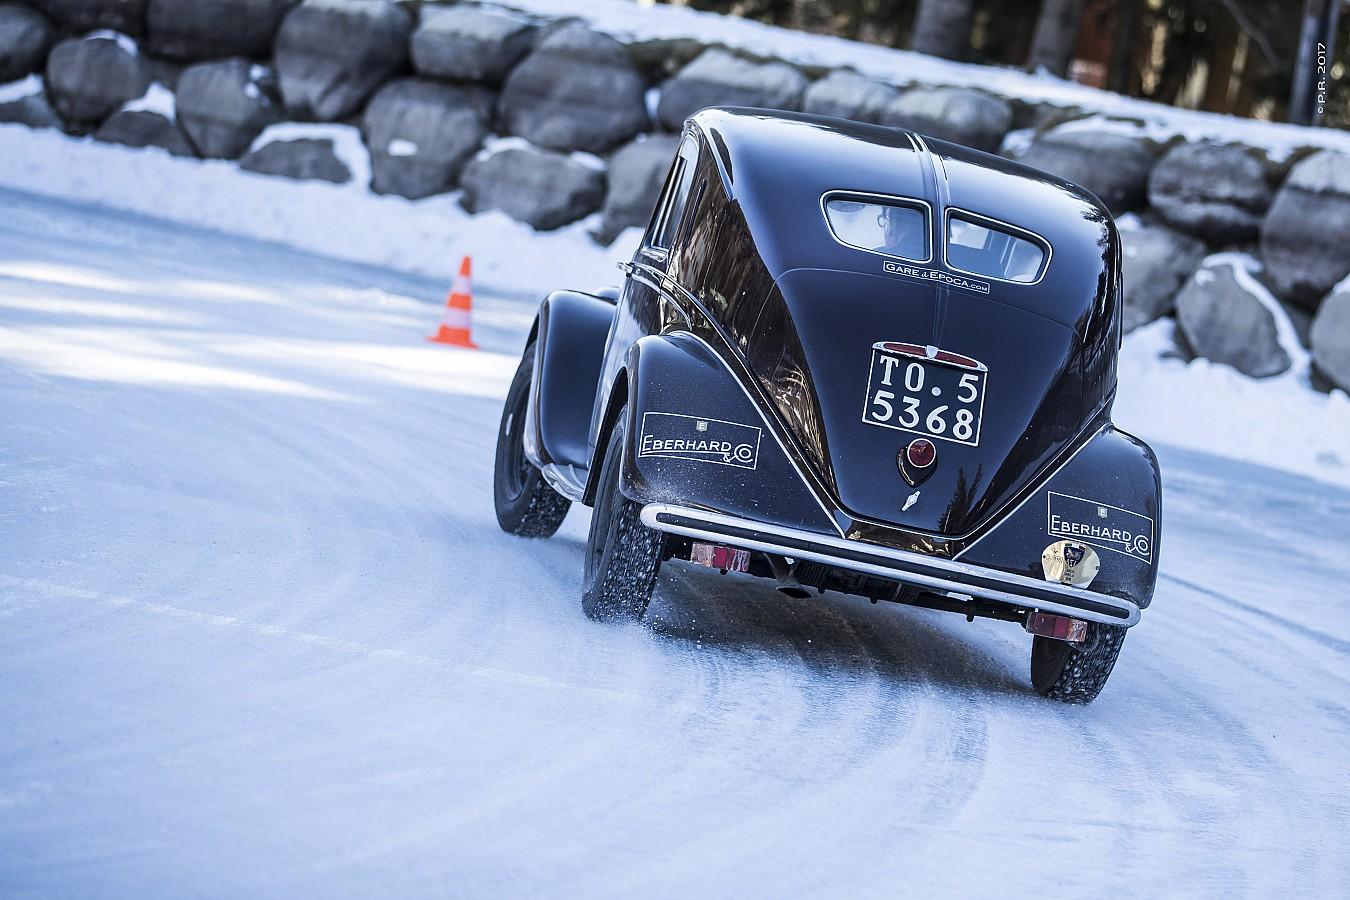 #WinterMarathon2018 dal 18 al 21 gennaio a Campiglio: scopri le novità della 30ª edizione